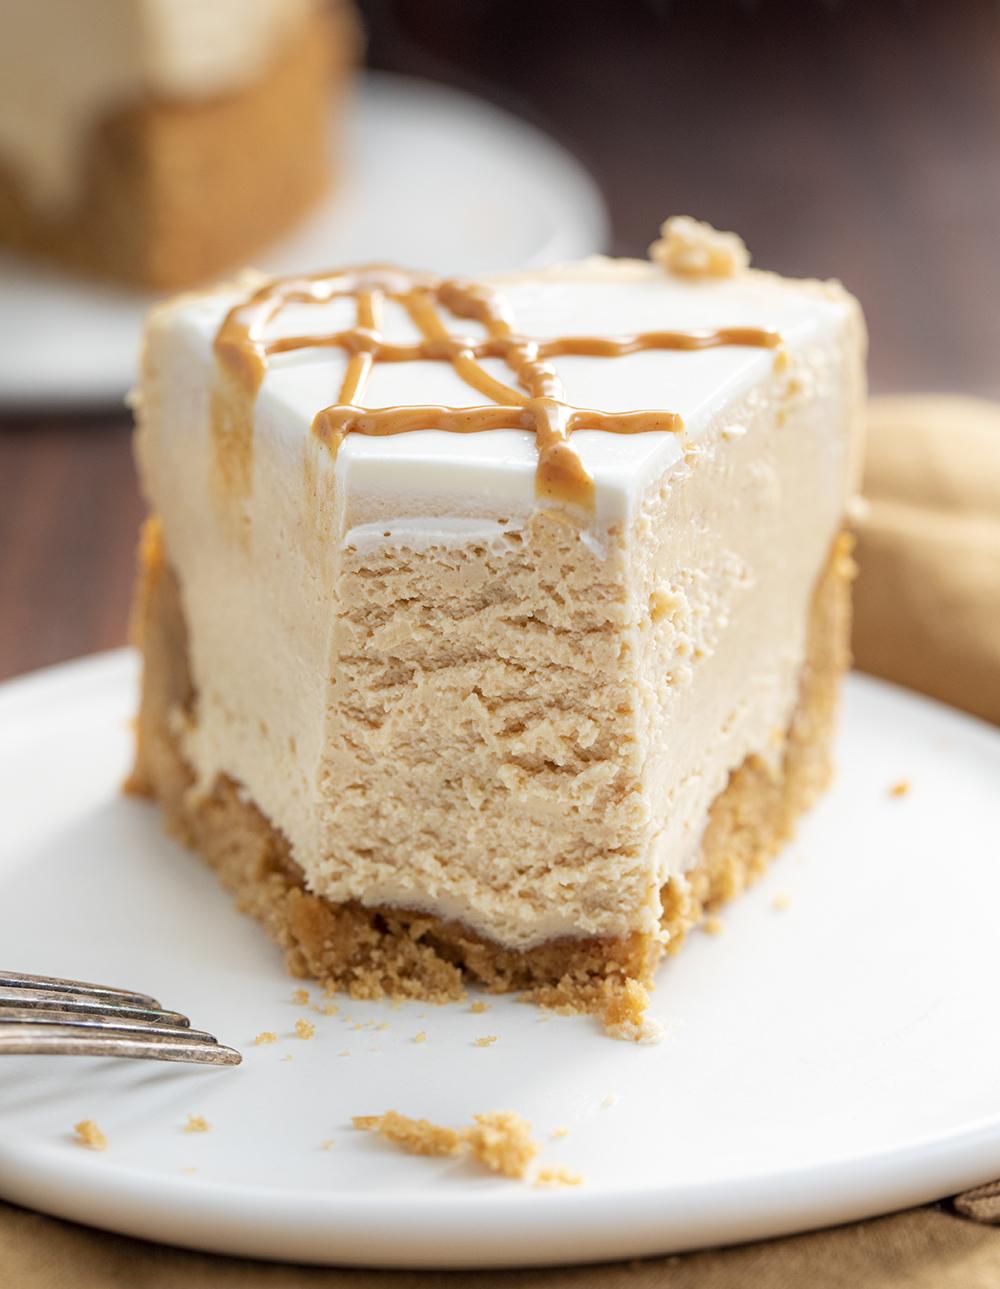 Peanut Butter Cheesecake | i am baker